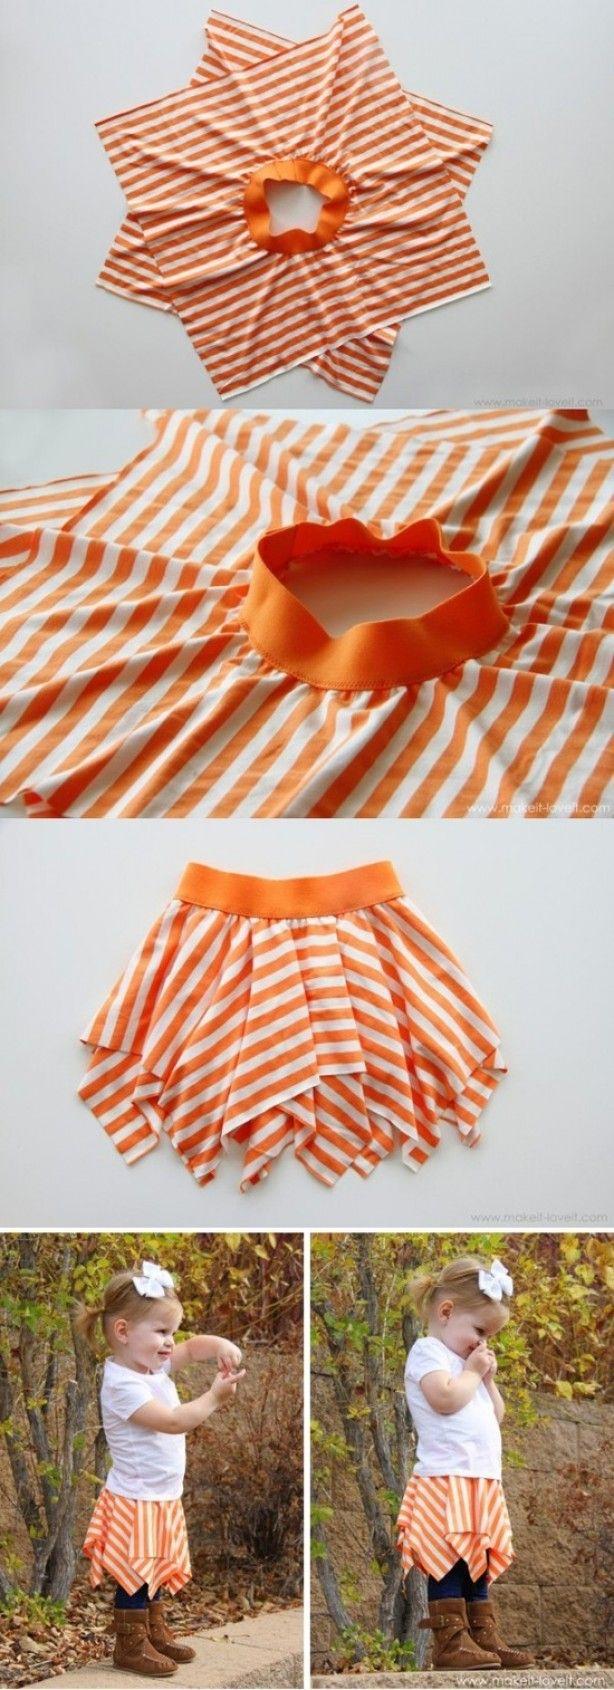 Zelf een rokje maken: supersimpel! DIY meisjesrok. Girls skirt.